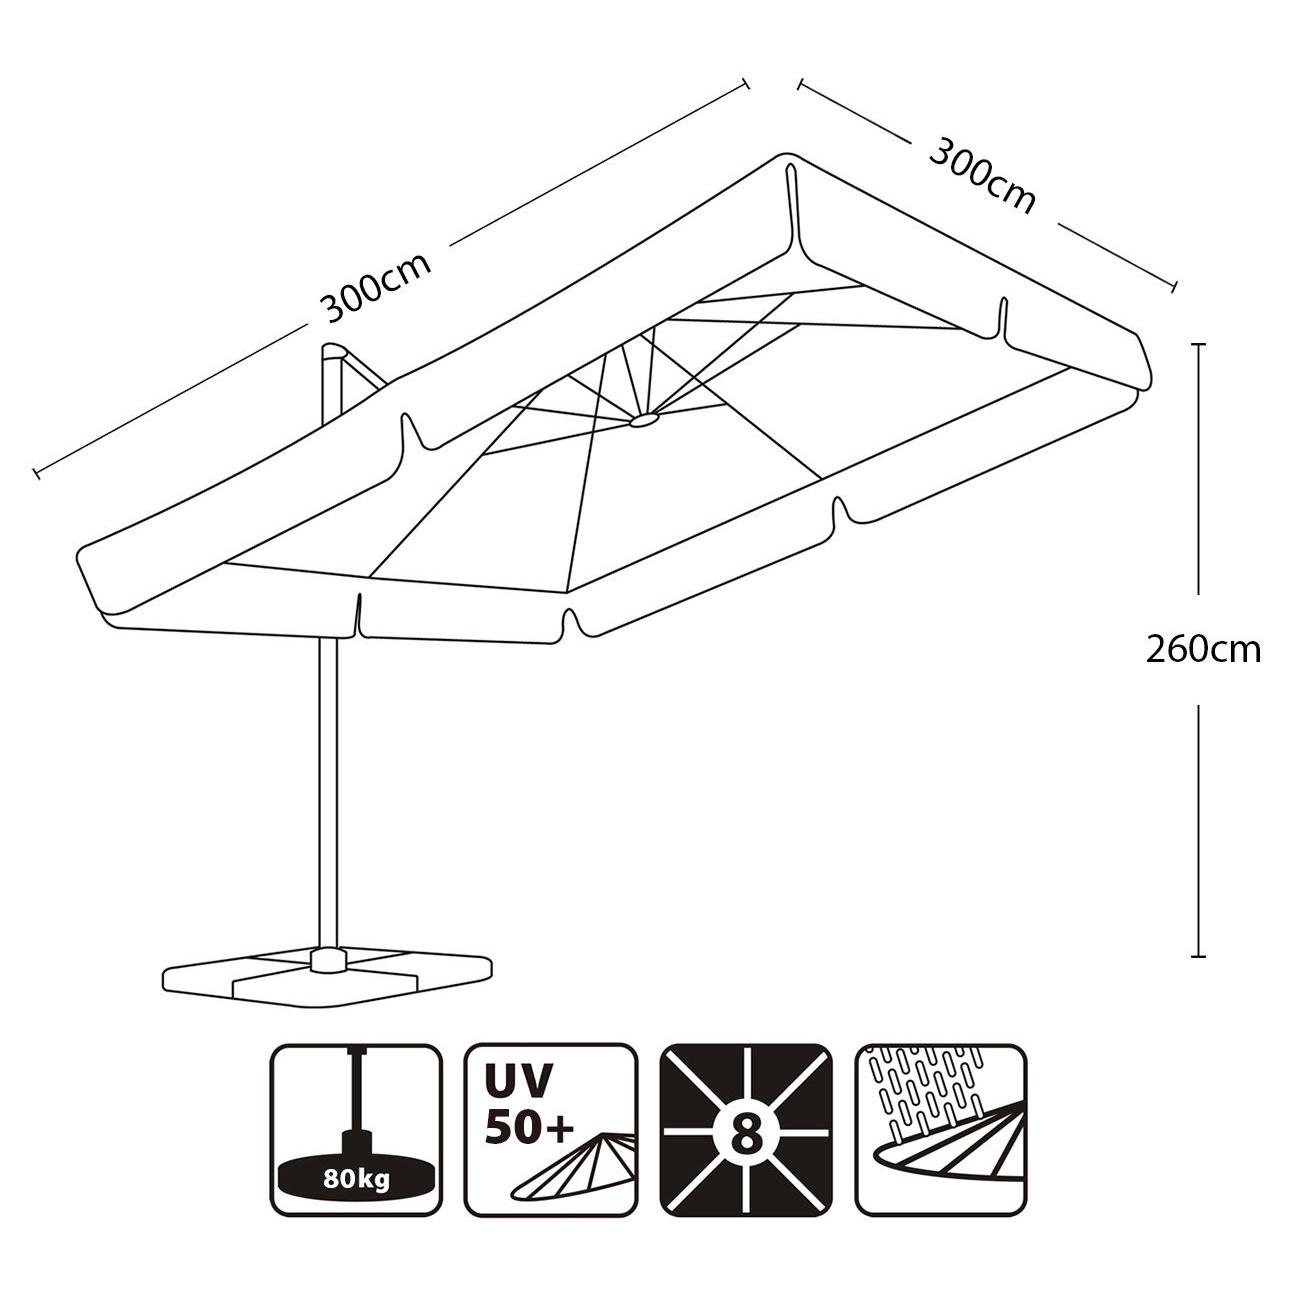 luxus ampelschirm wasserdicht sonnenschutz schirm 3m sonnenschirm kurbelschirm ebay. Black Bedroom Furniture Sets. Home Design Ideas